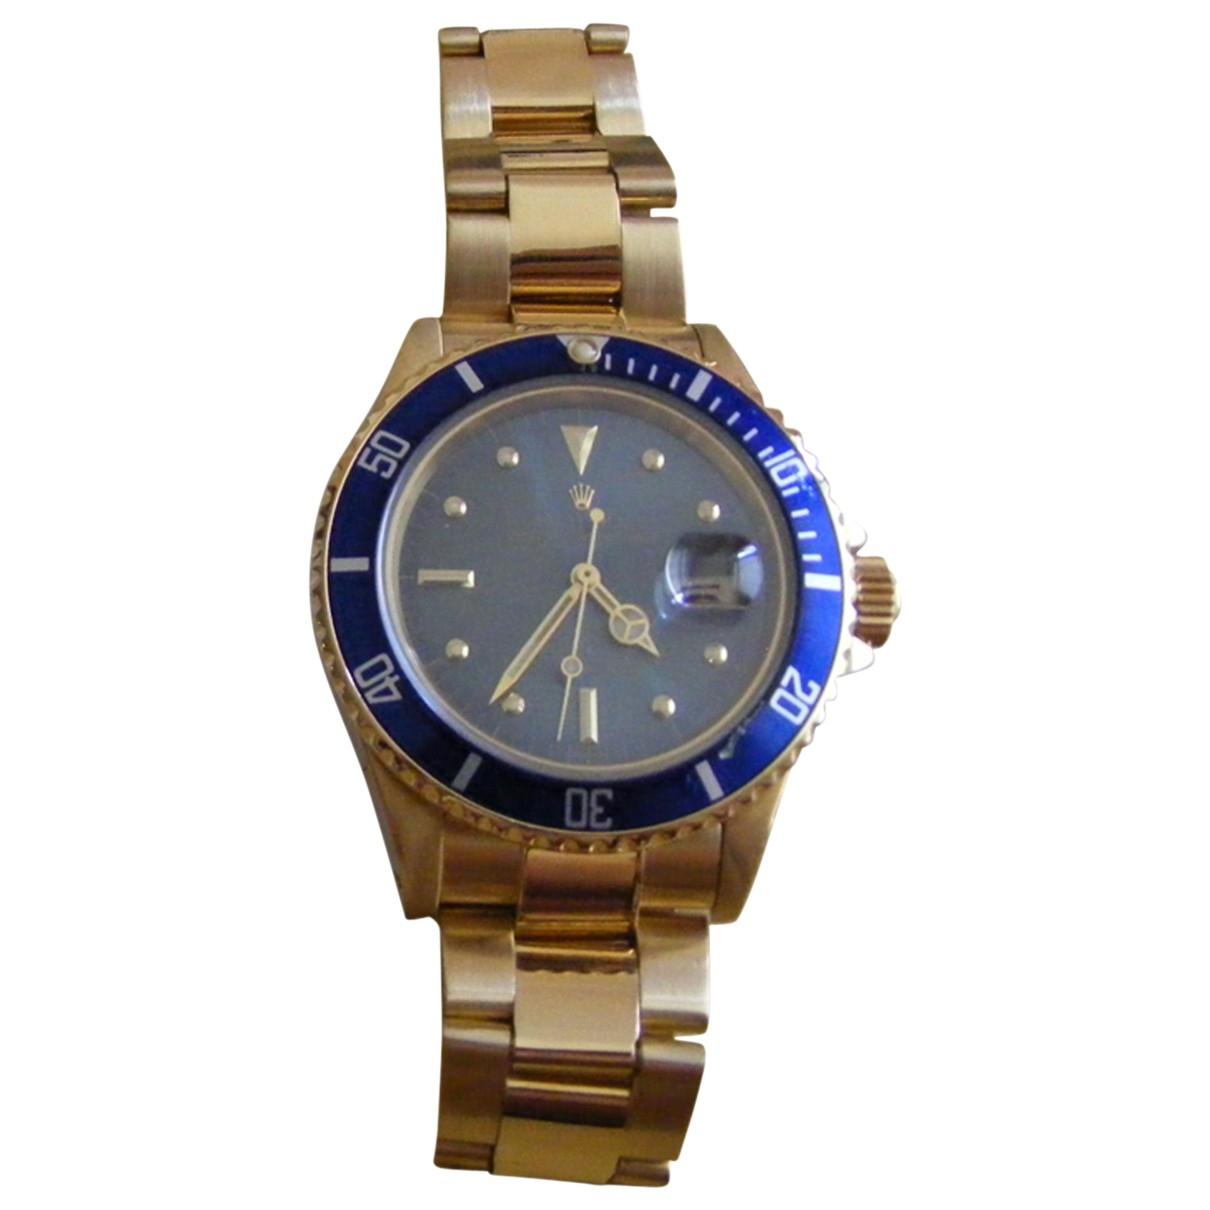 Rolex - Montre Submariner pour homme en or jaune - bleu